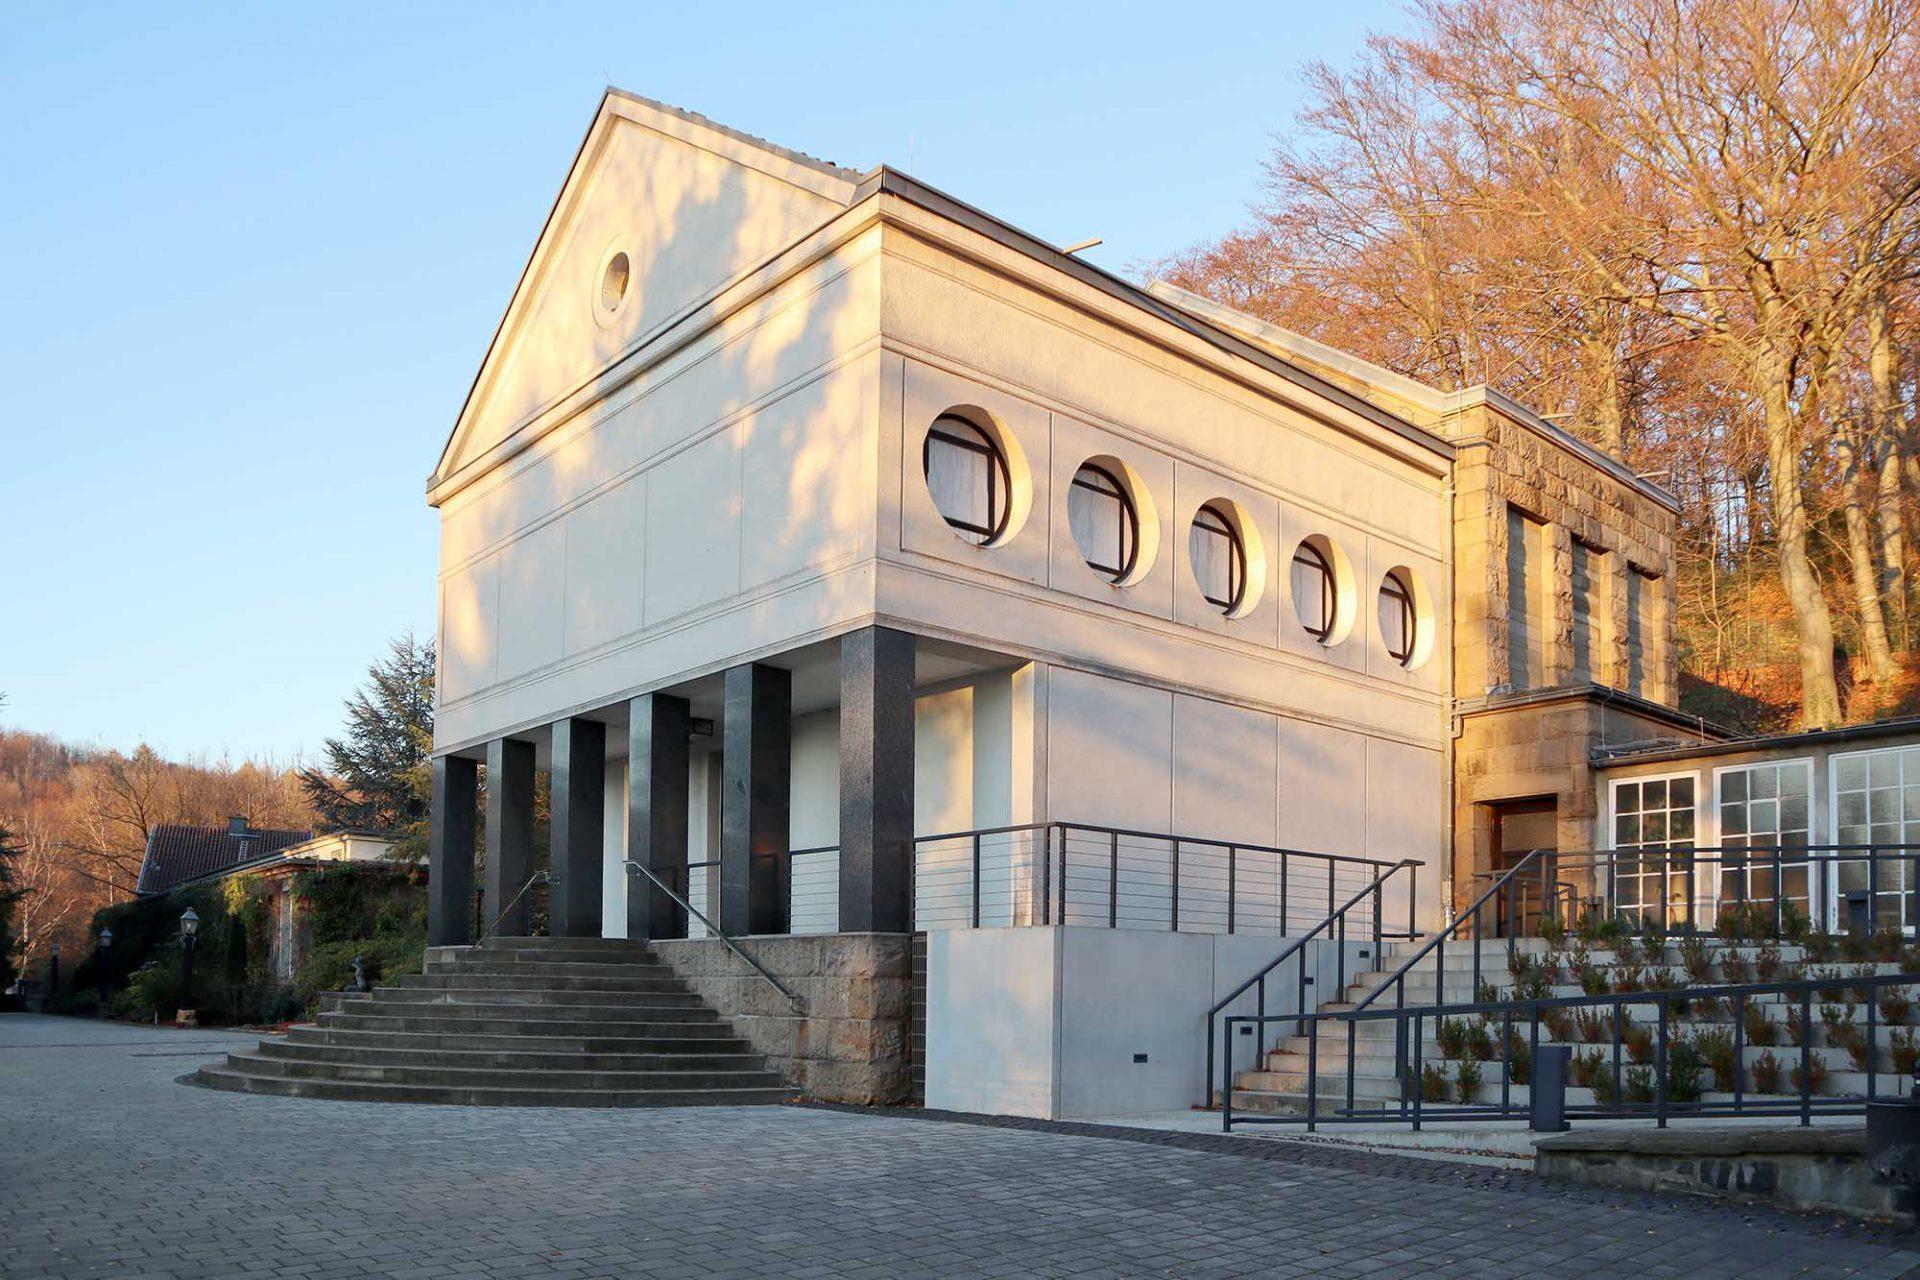 Eduard-Müller-Krematorium. ... wurde bei seiner Fertigstellung vielbeachtet und gilt mit seiner geometrisch-schlichten Form mit dem Kaminturm als gelungenes Beispiel der frühen Moderne.